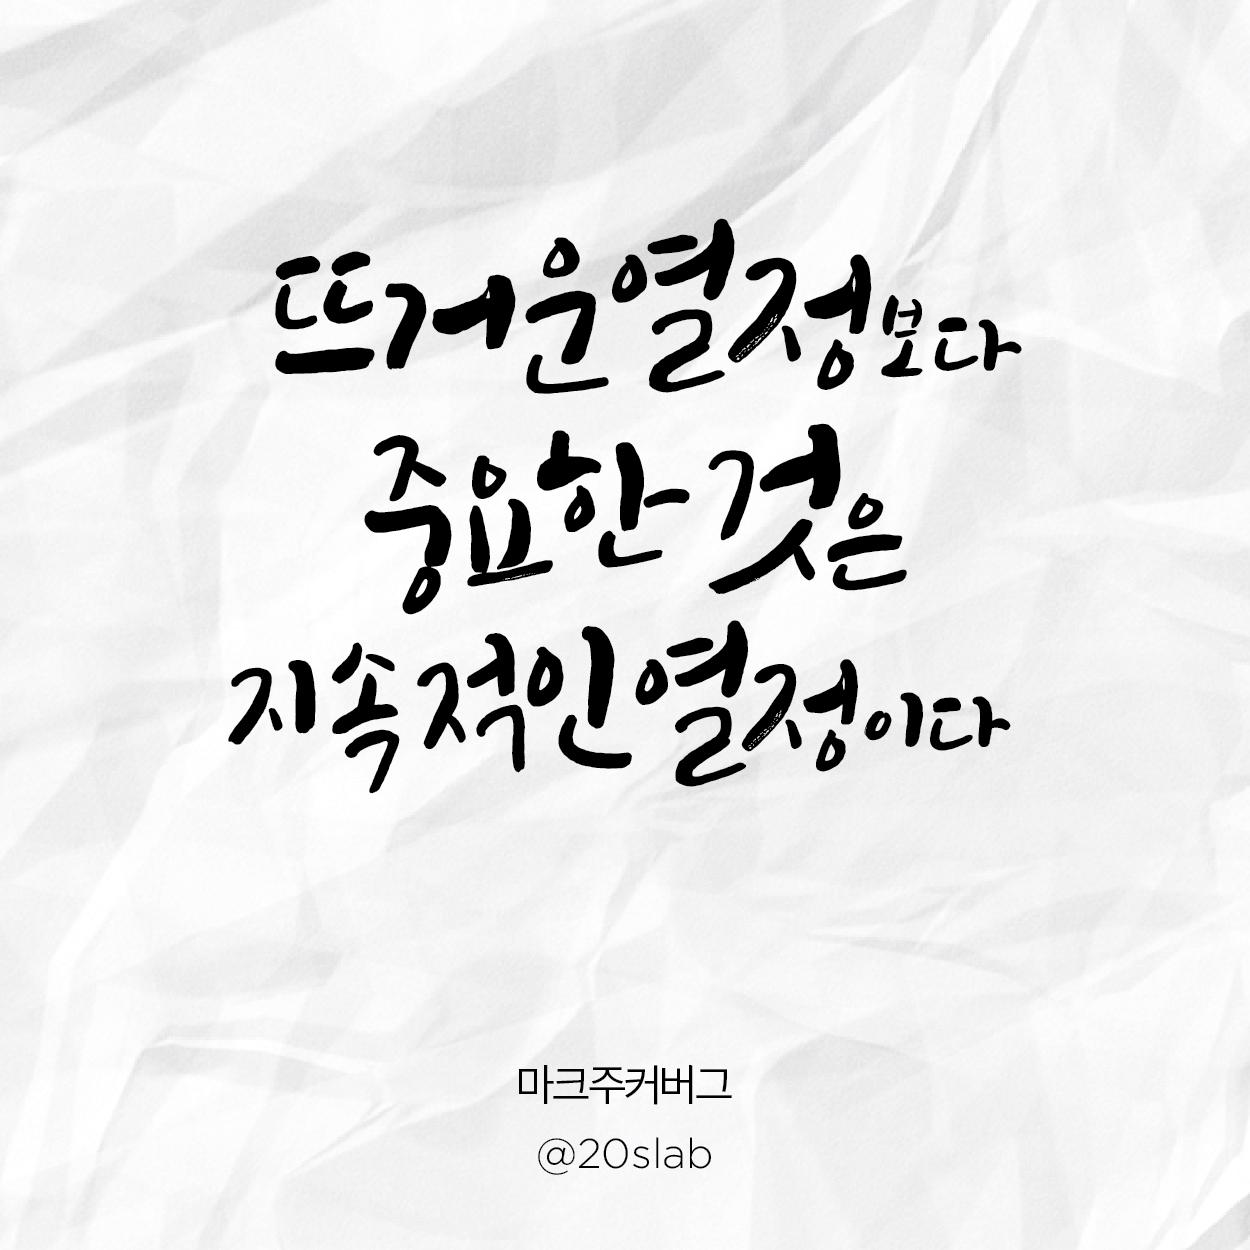 중간고사_어록-01